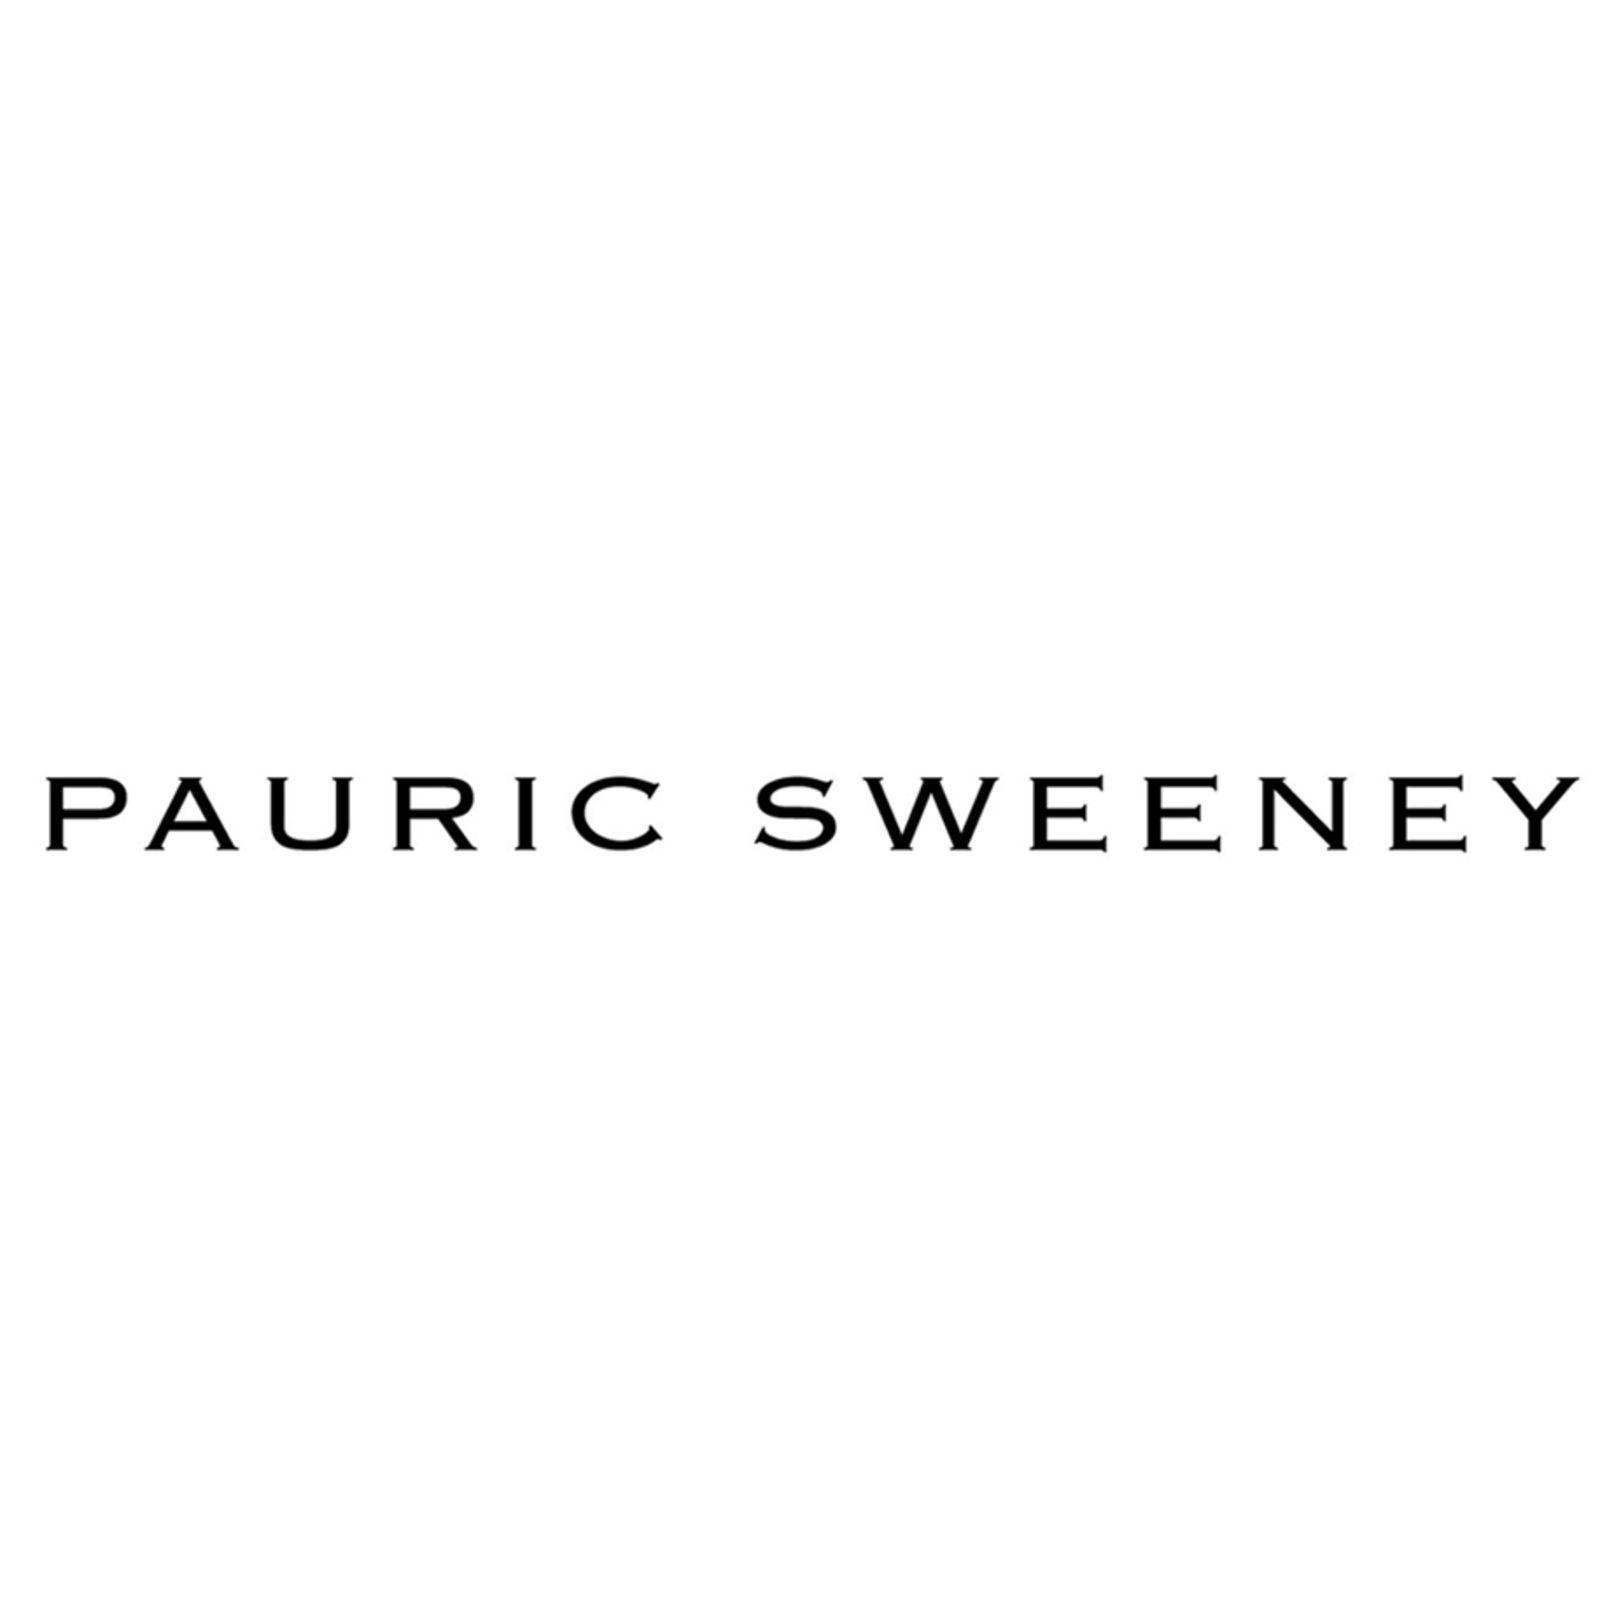 PAURIC SWEENEY (Image 1)